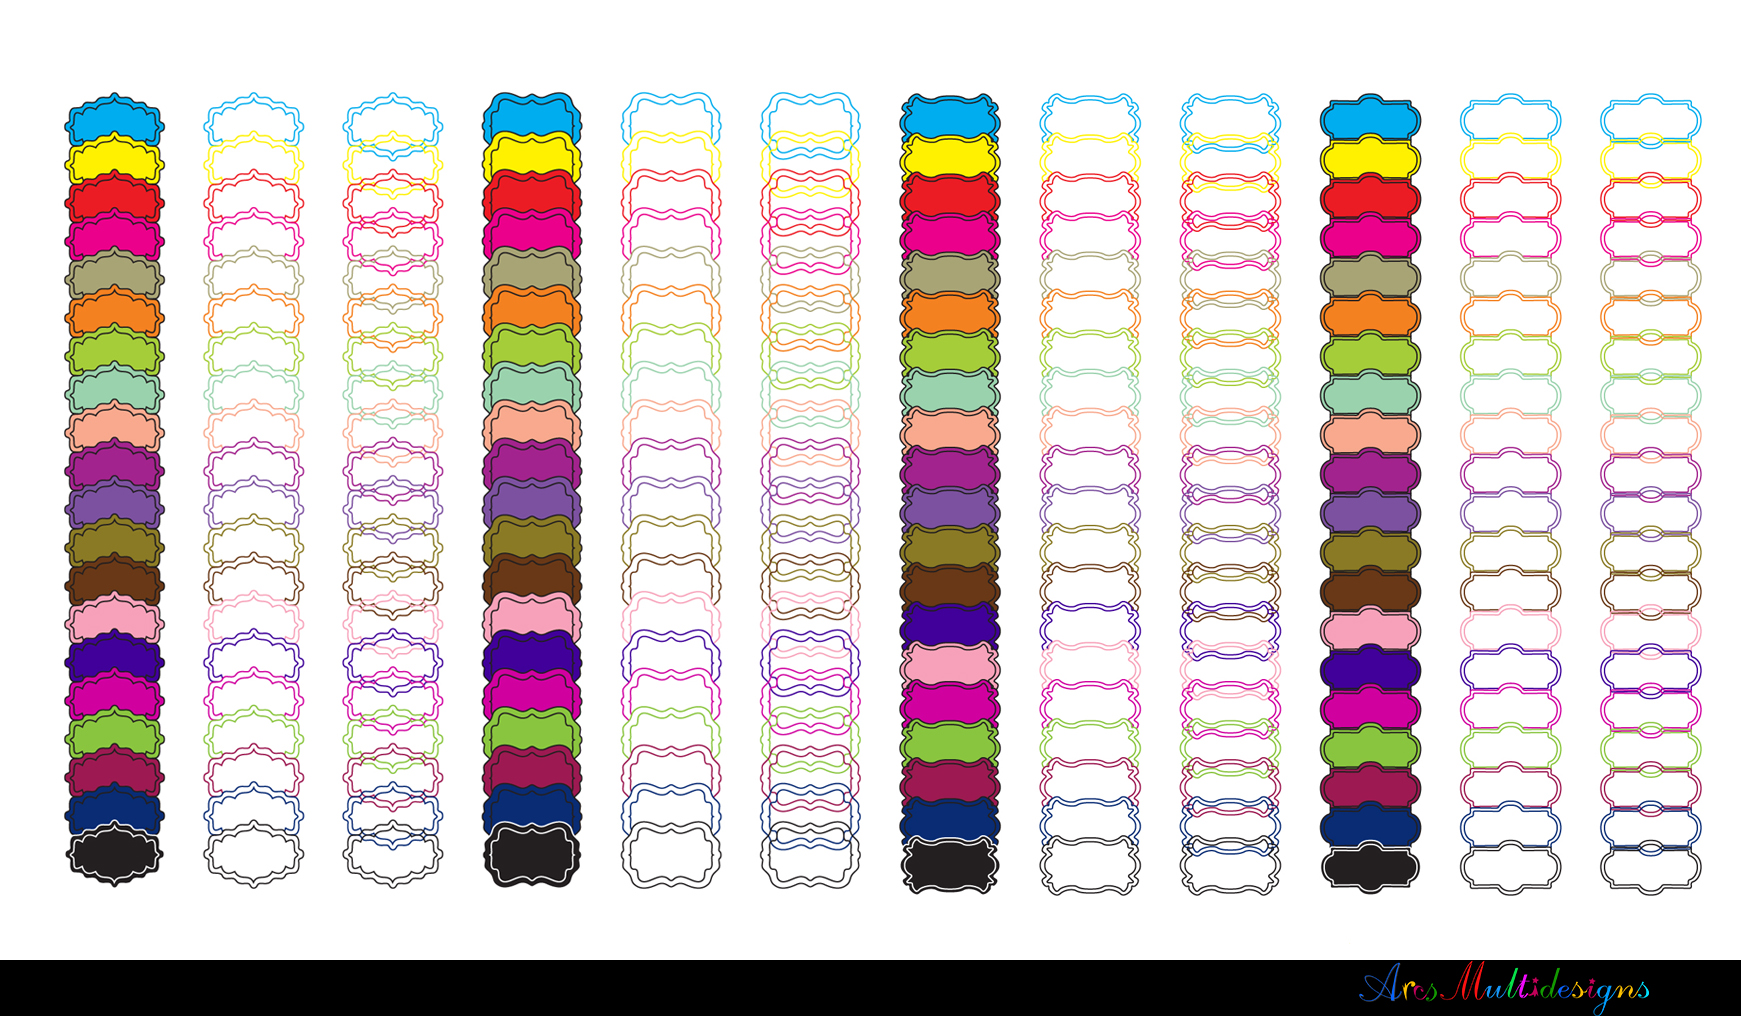 Label clipart bundle / digital label clipart bundle / frames bundle / high quality frames / digital frames clip art / label clipart example image 12